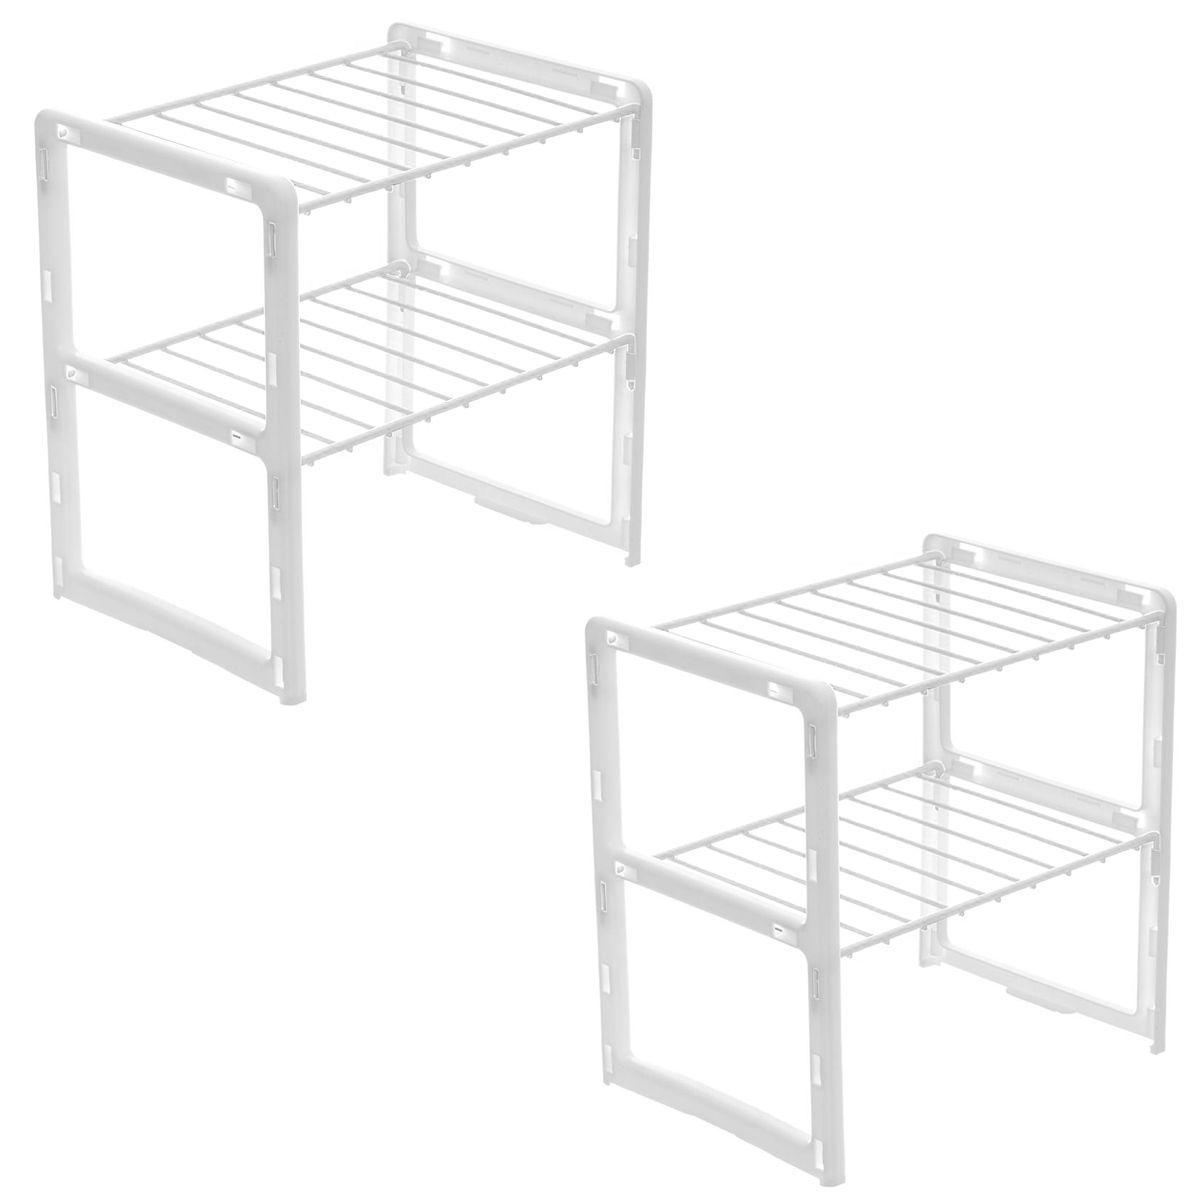 Combo 2 Unidades do Rack Organizador de Objetos / Prateleira Ganha Espaço Dupla Pequena 13157 - Metaltru